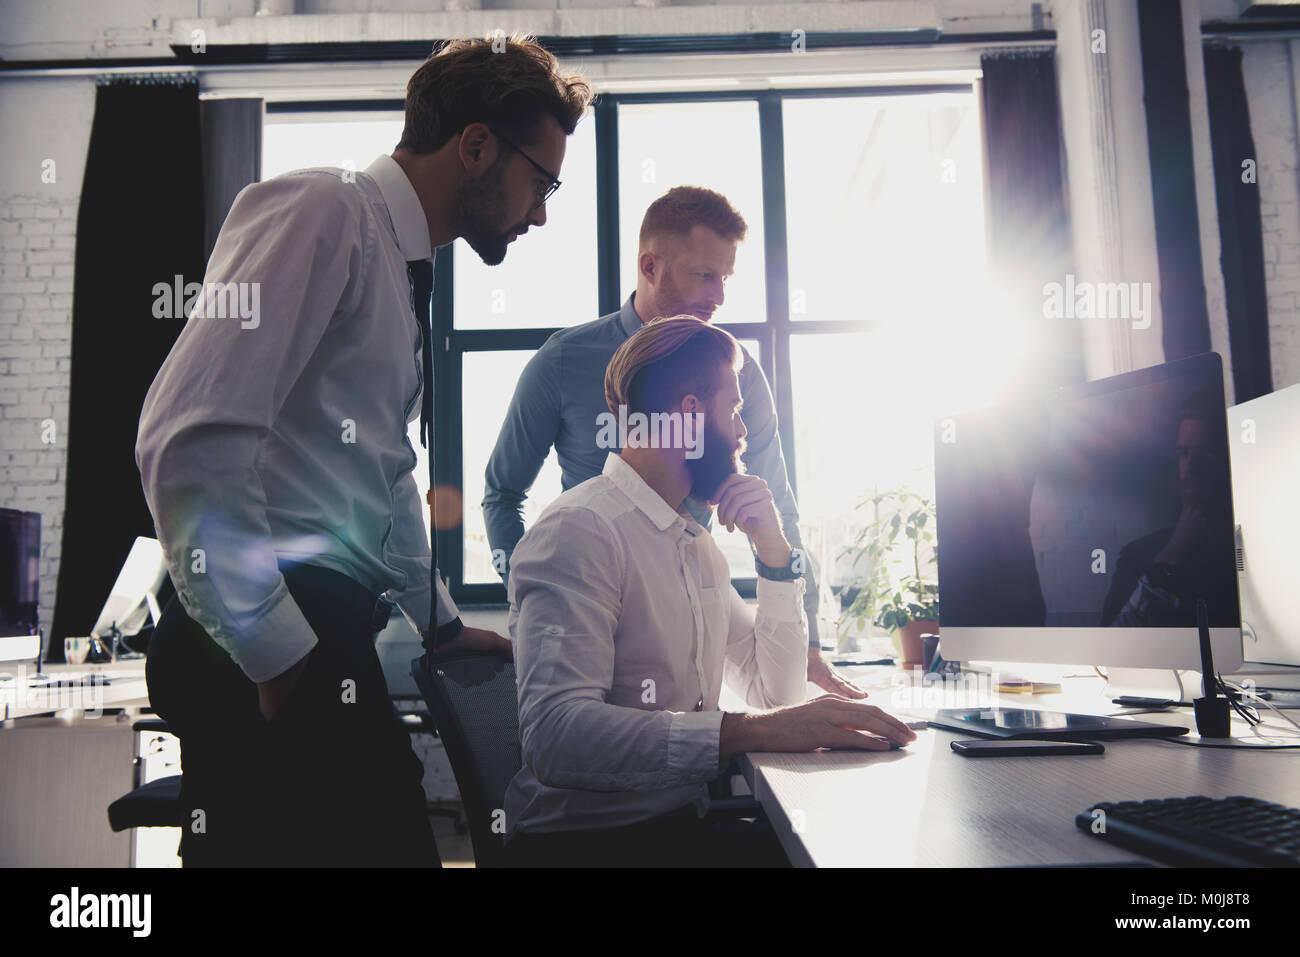 Unternehmer im Büro im Internet Netzwerk verbunden. Konzept der Partnerschaft und Zusammenarbeit. Stockbild